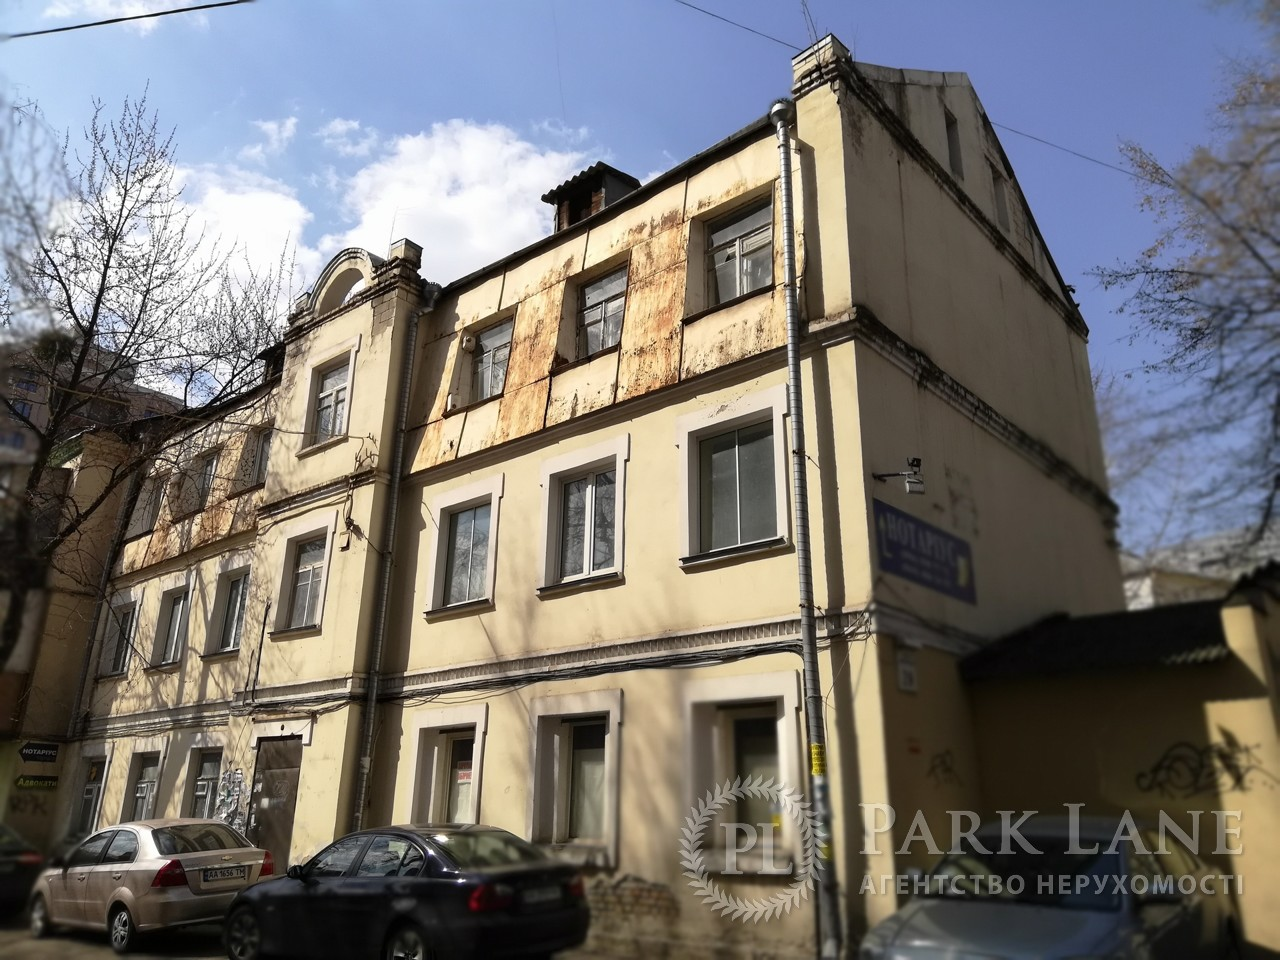 Нежитлове приміщення, вул. Дмитрівська, Київ, K-27702 - Фото 1